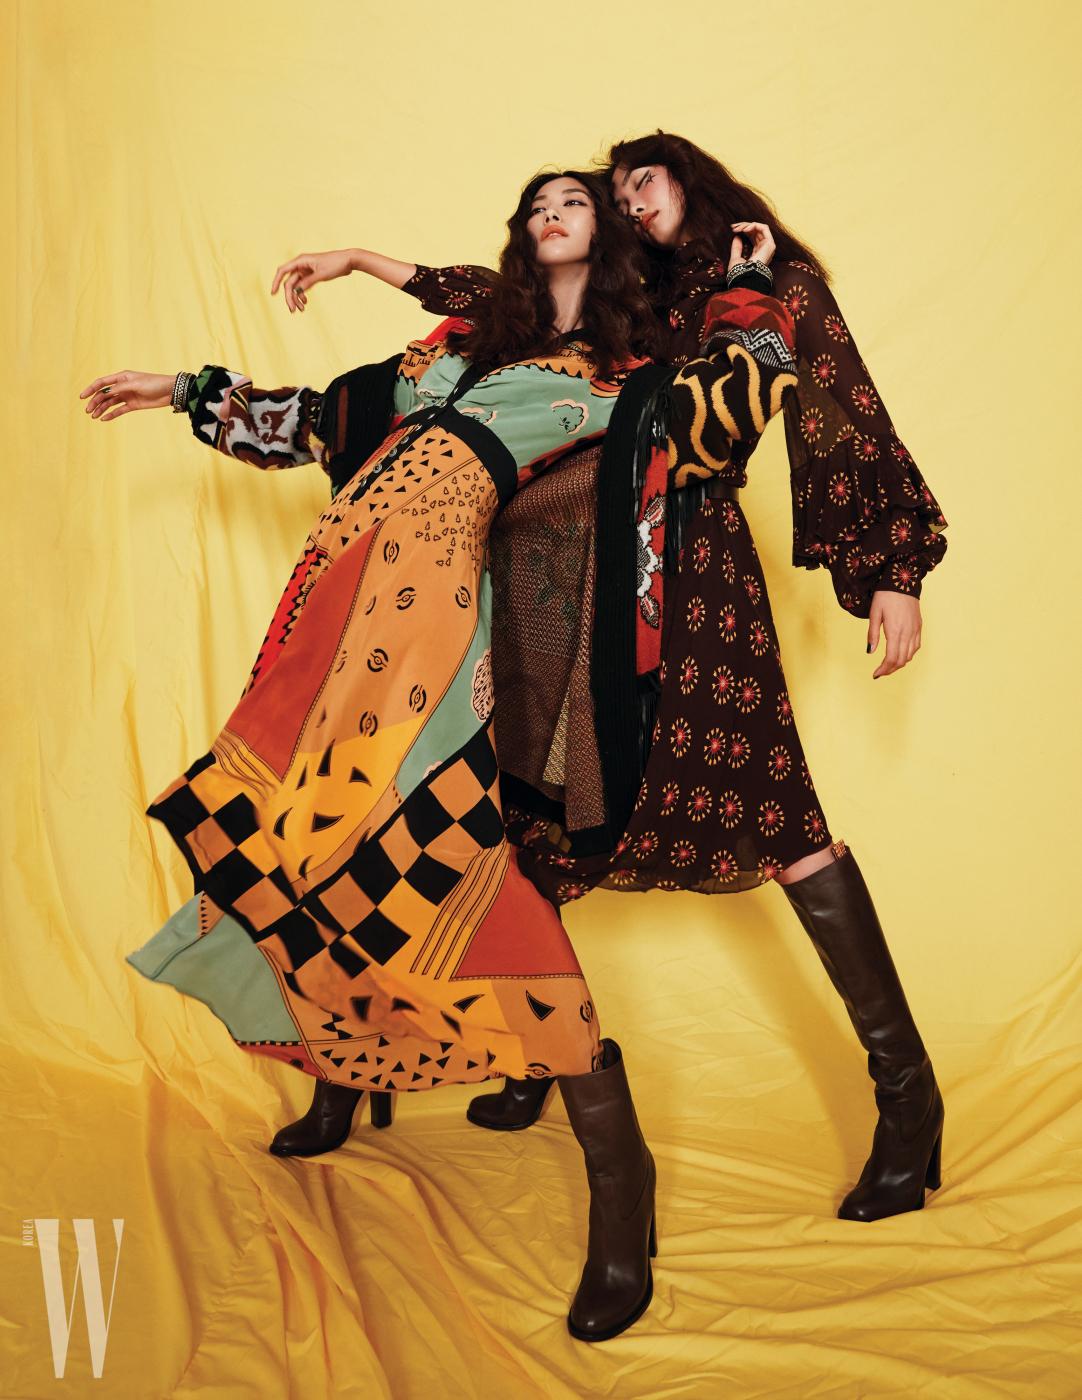 왼쪽 | 에스닉한 레트로풍 니트 카디건, 프린트 드레스와 부츠는 모두 Etro 제품. 오른쪽 | 프린트 드레스와 부츠는 Etro 제품.